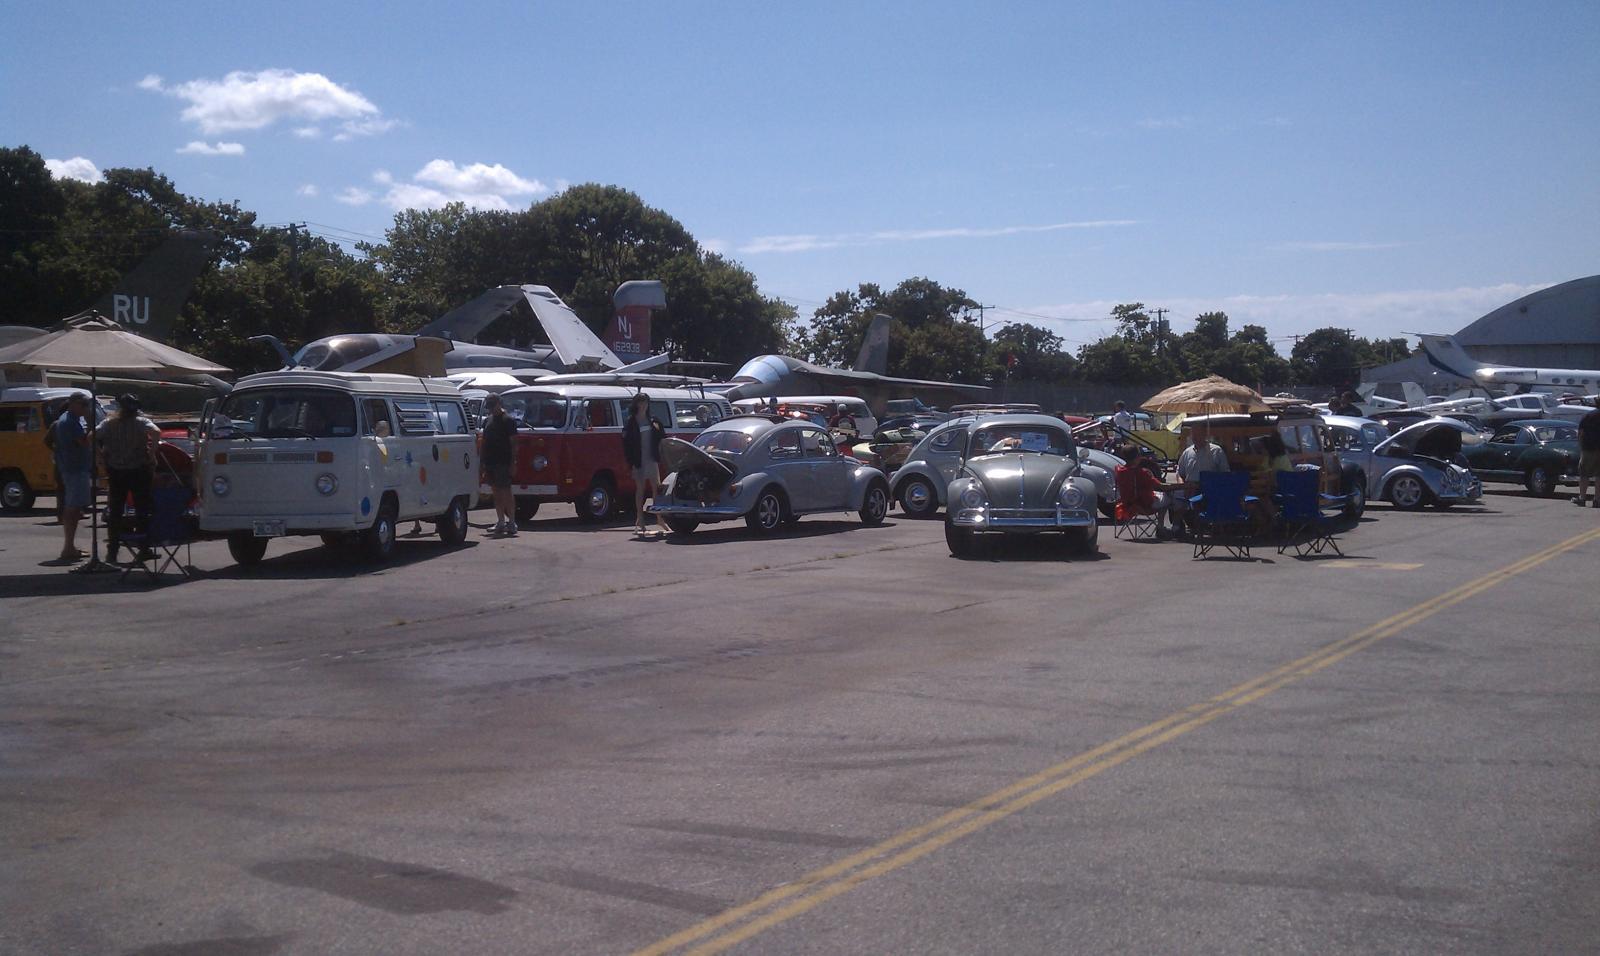 August 4th 2013 - DVG Long Island Air Raid